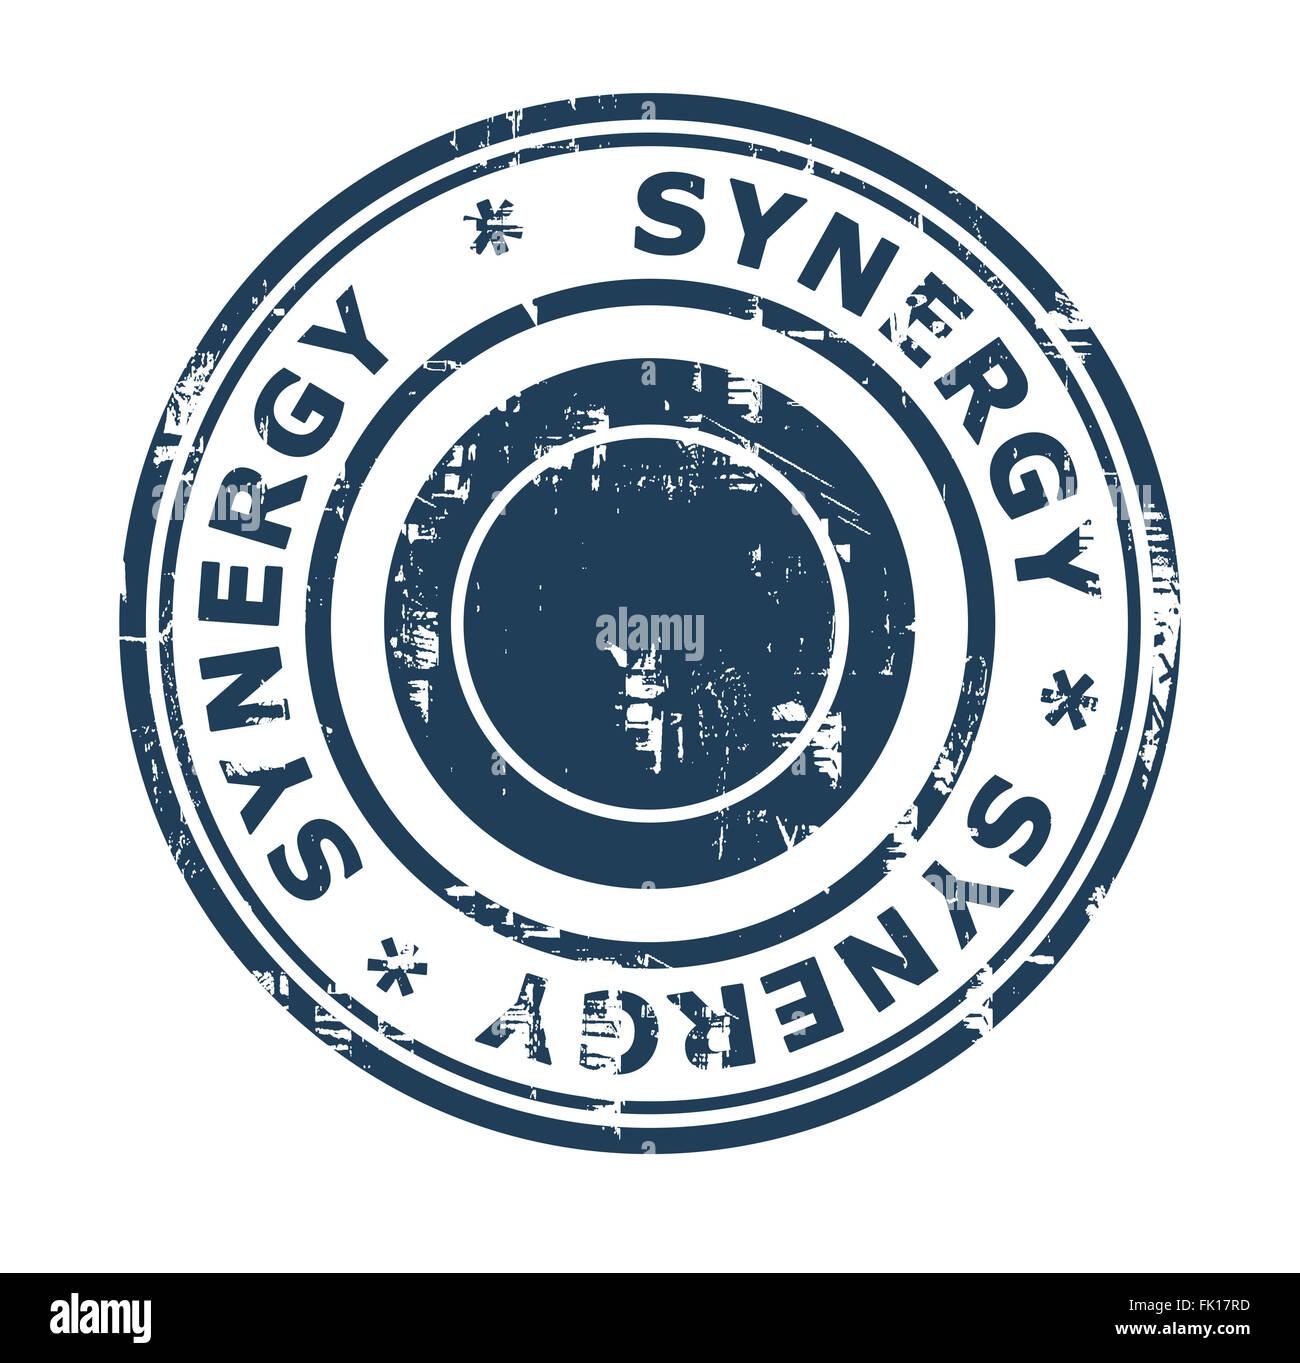 Synergie d'entreprise concept stamp isolé sur un fond blanc. Photo Stock